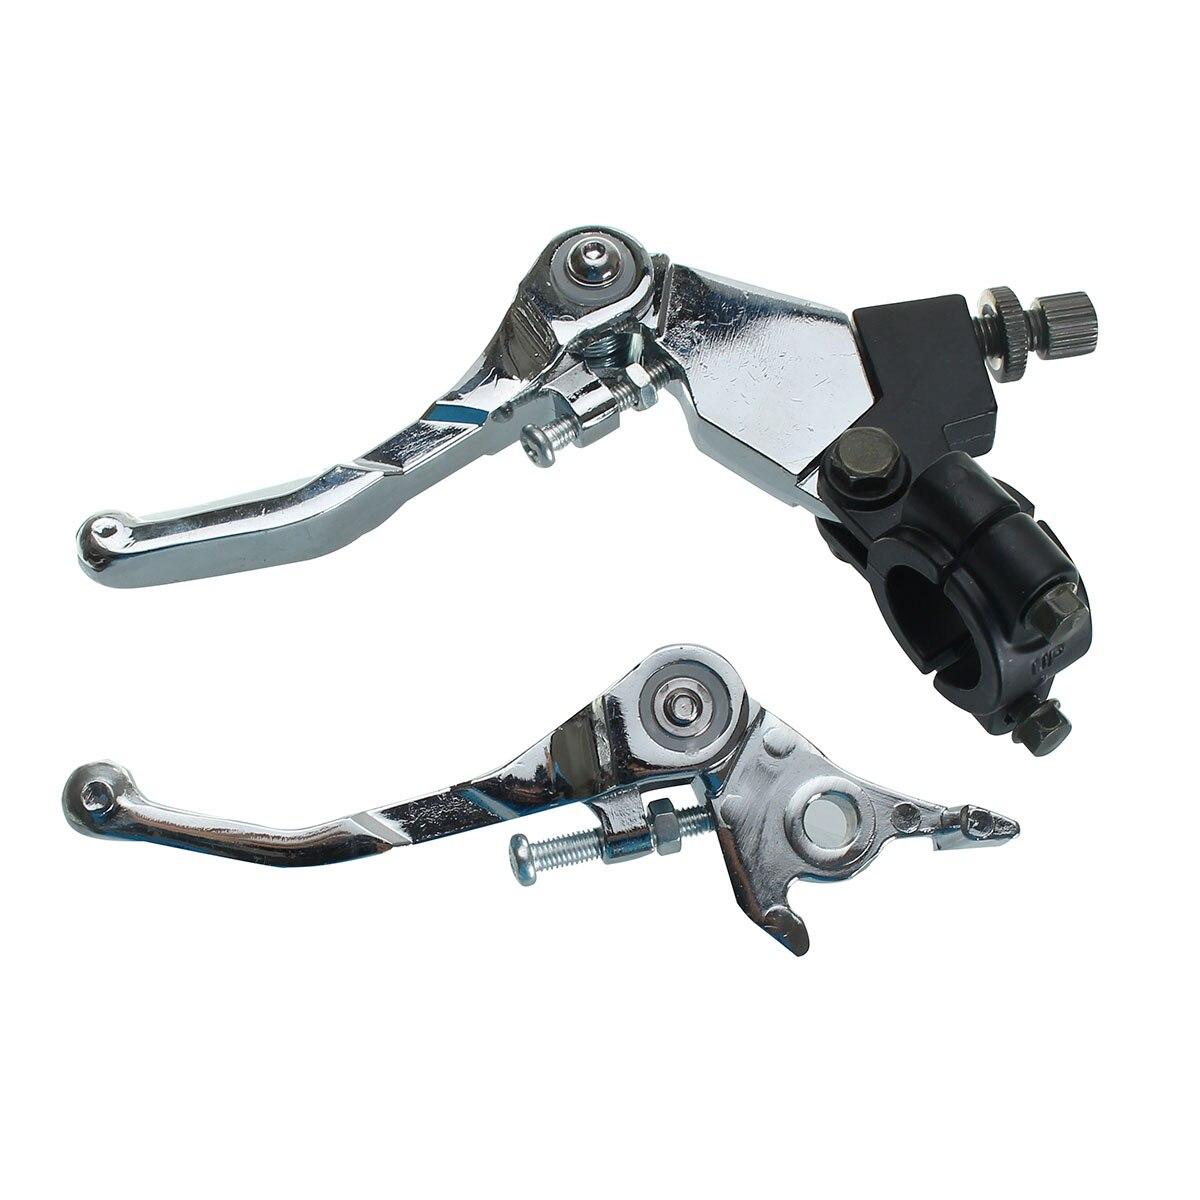 1 пара питбайк сплава складной оснастки тормоз сцепление рычаг сцепления комплект воздух 110cc 125cc мотоцикла смещения 140cc 160cc хром